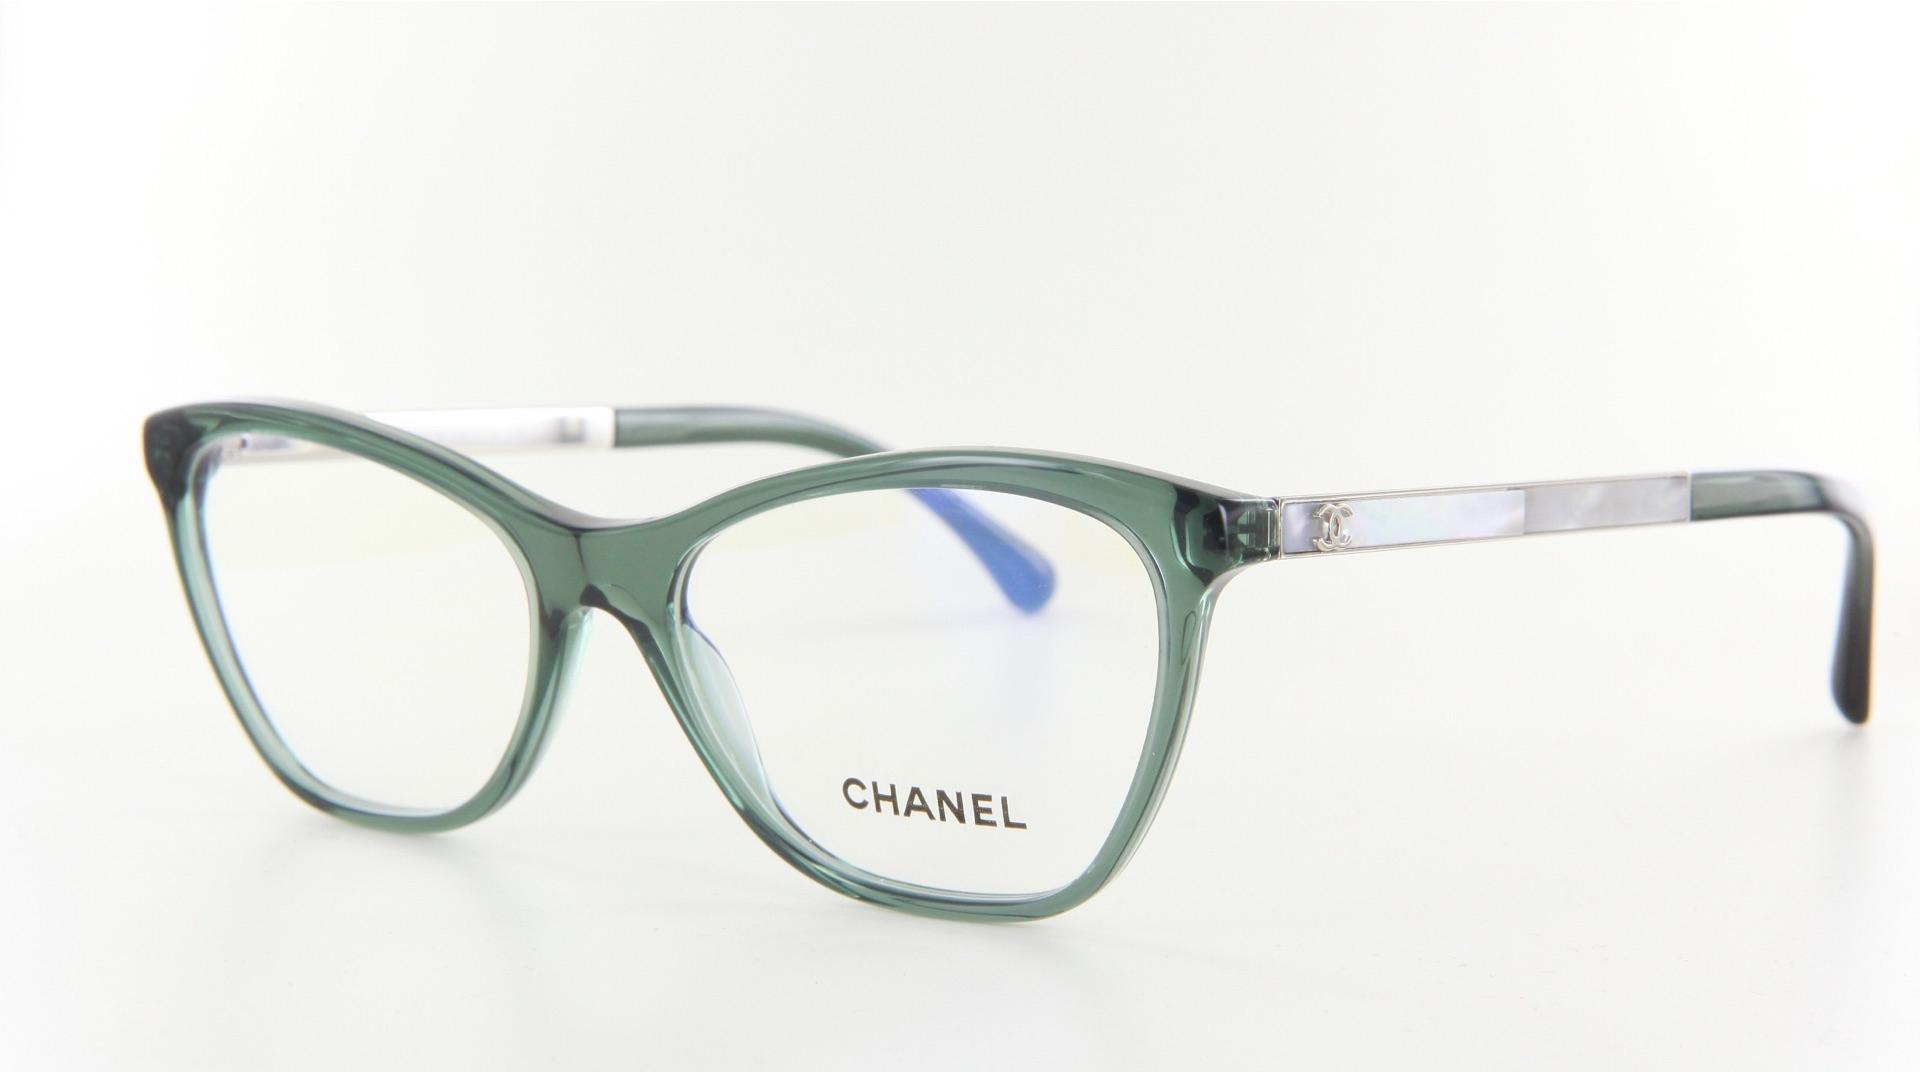 Chanel - ref: 74009